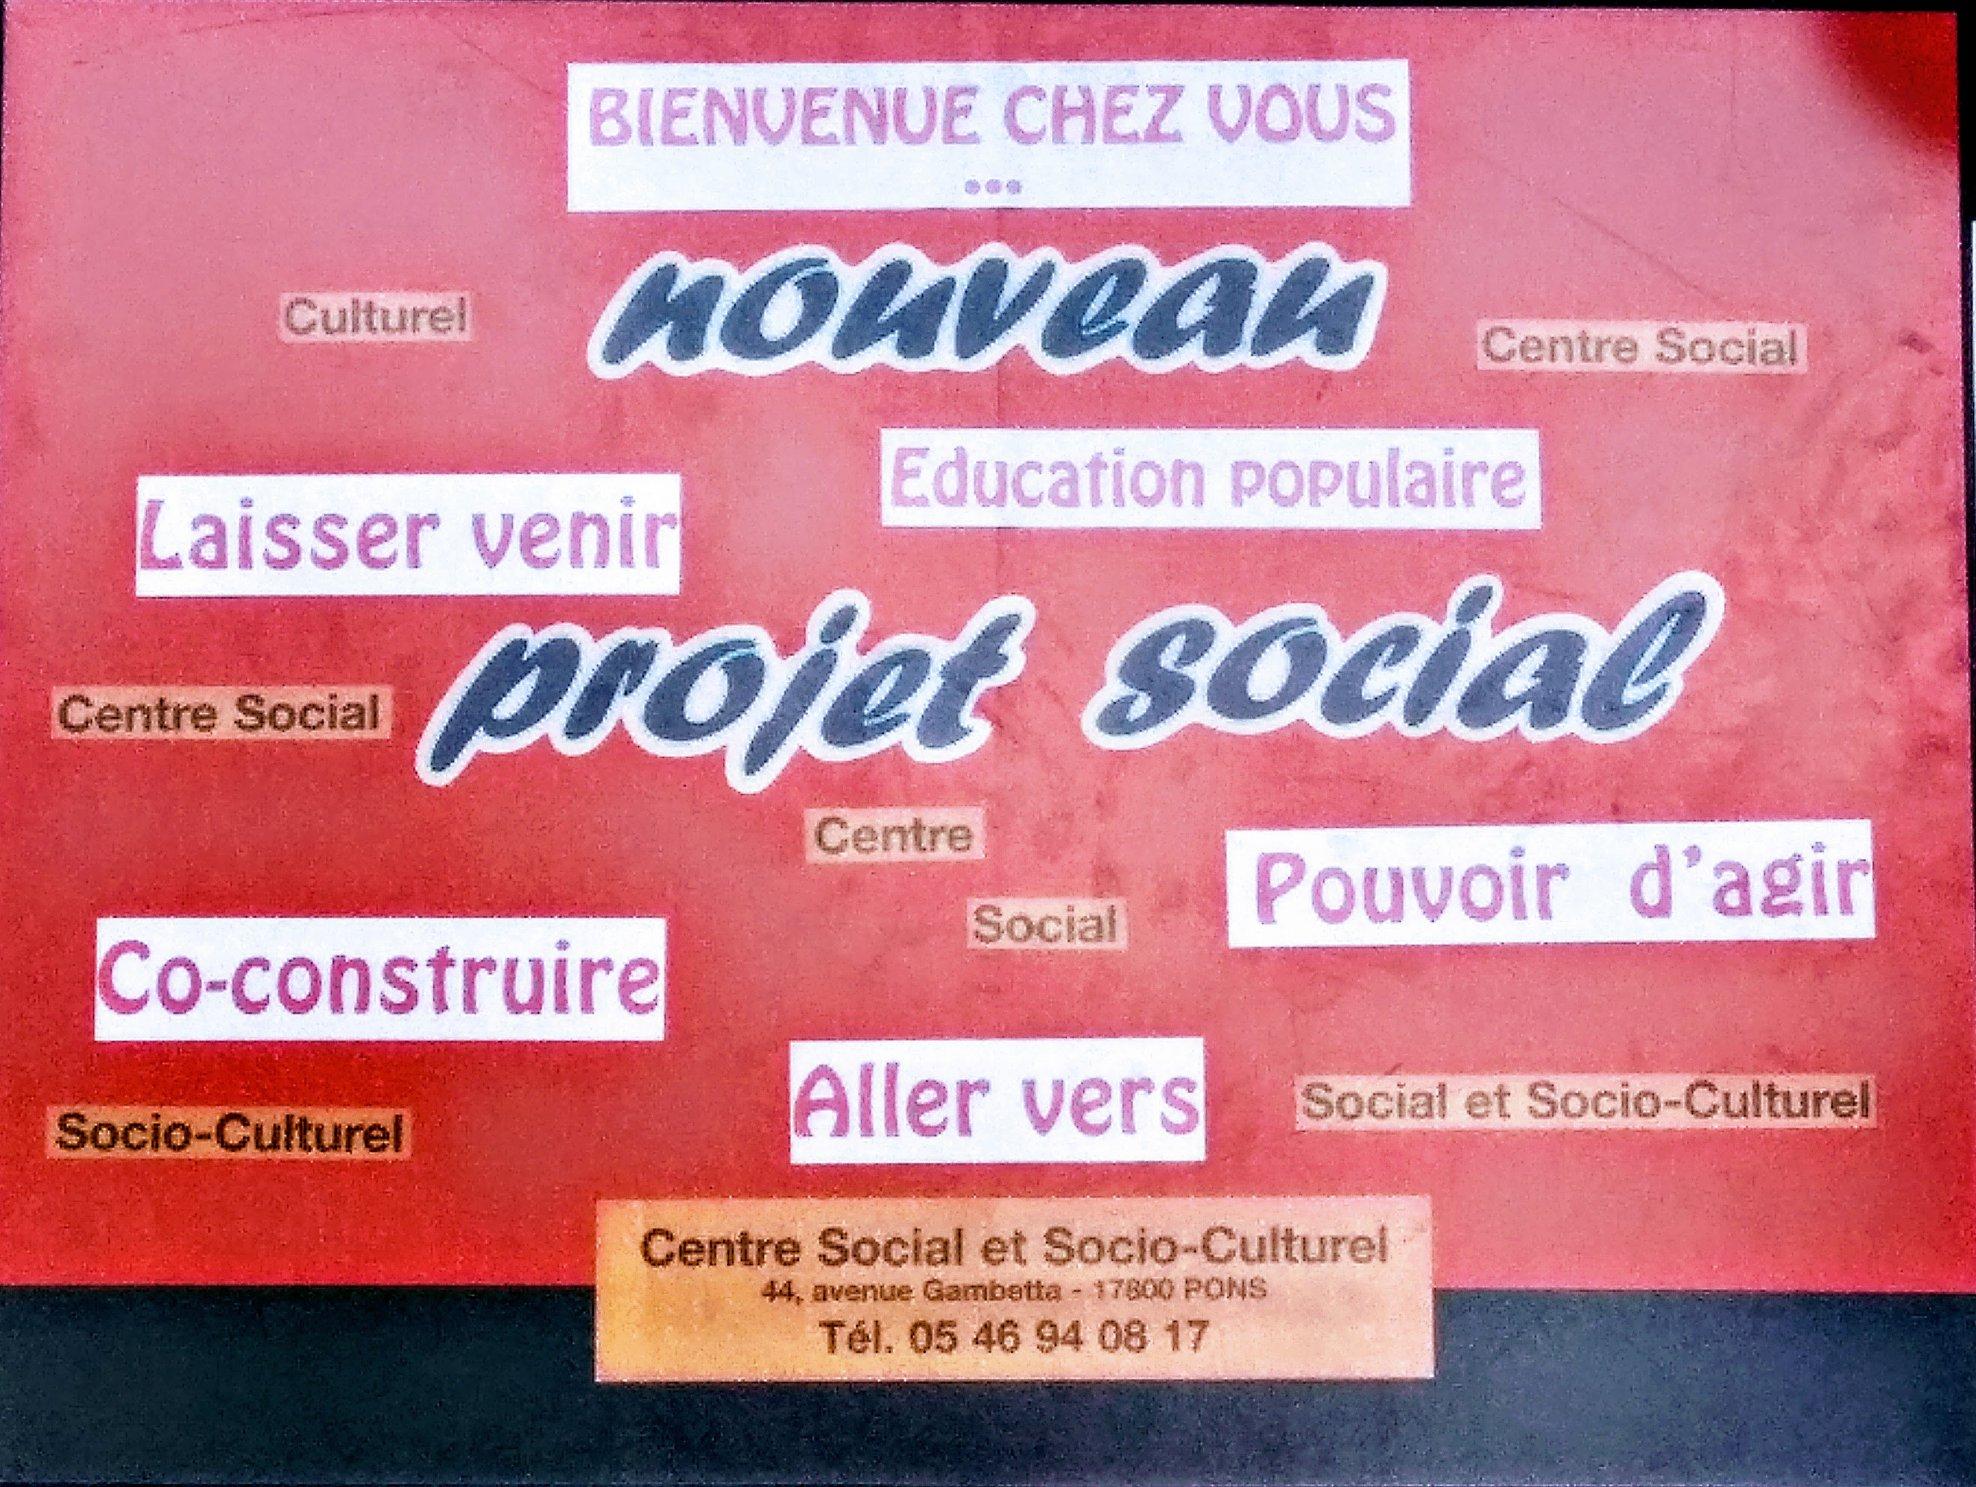 affiche PS2019022